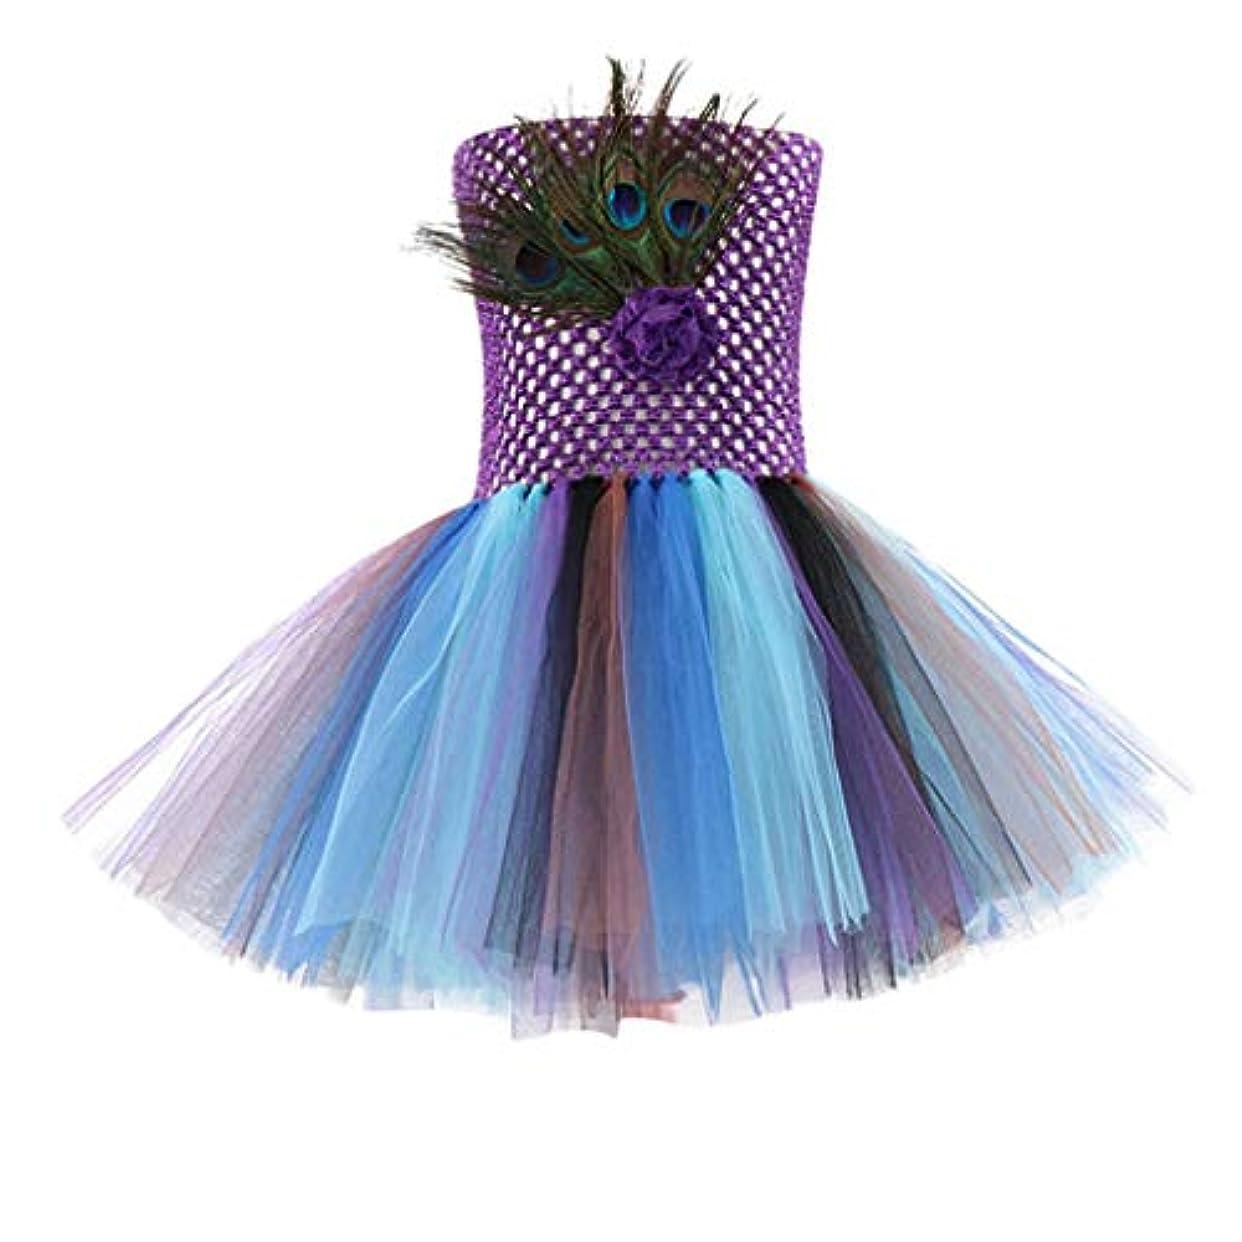 ブランチ暴行祝うTovadoo ハロウィン 子供 ハロウィーンの衣装 のために 赤ちゃん 女の子 - ピーファウル チュール プリンセスドレス ロンパー トゥトゥドレス 衣装